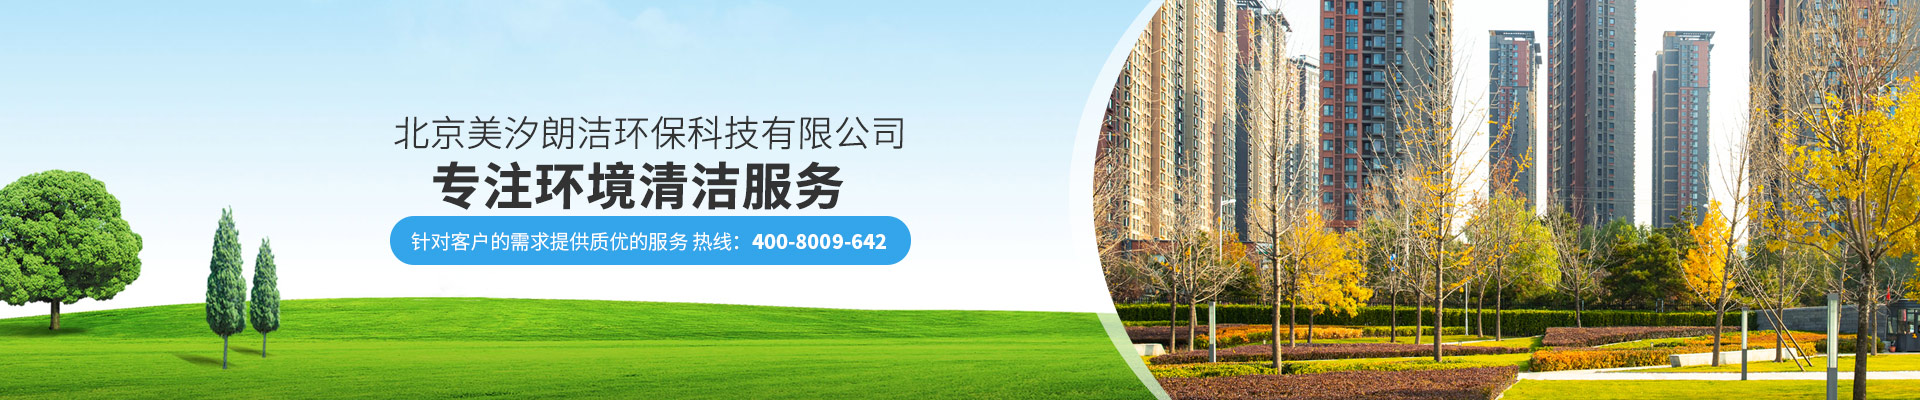 北京美汐朗洁环保科技有限公司专注环境清洁服务